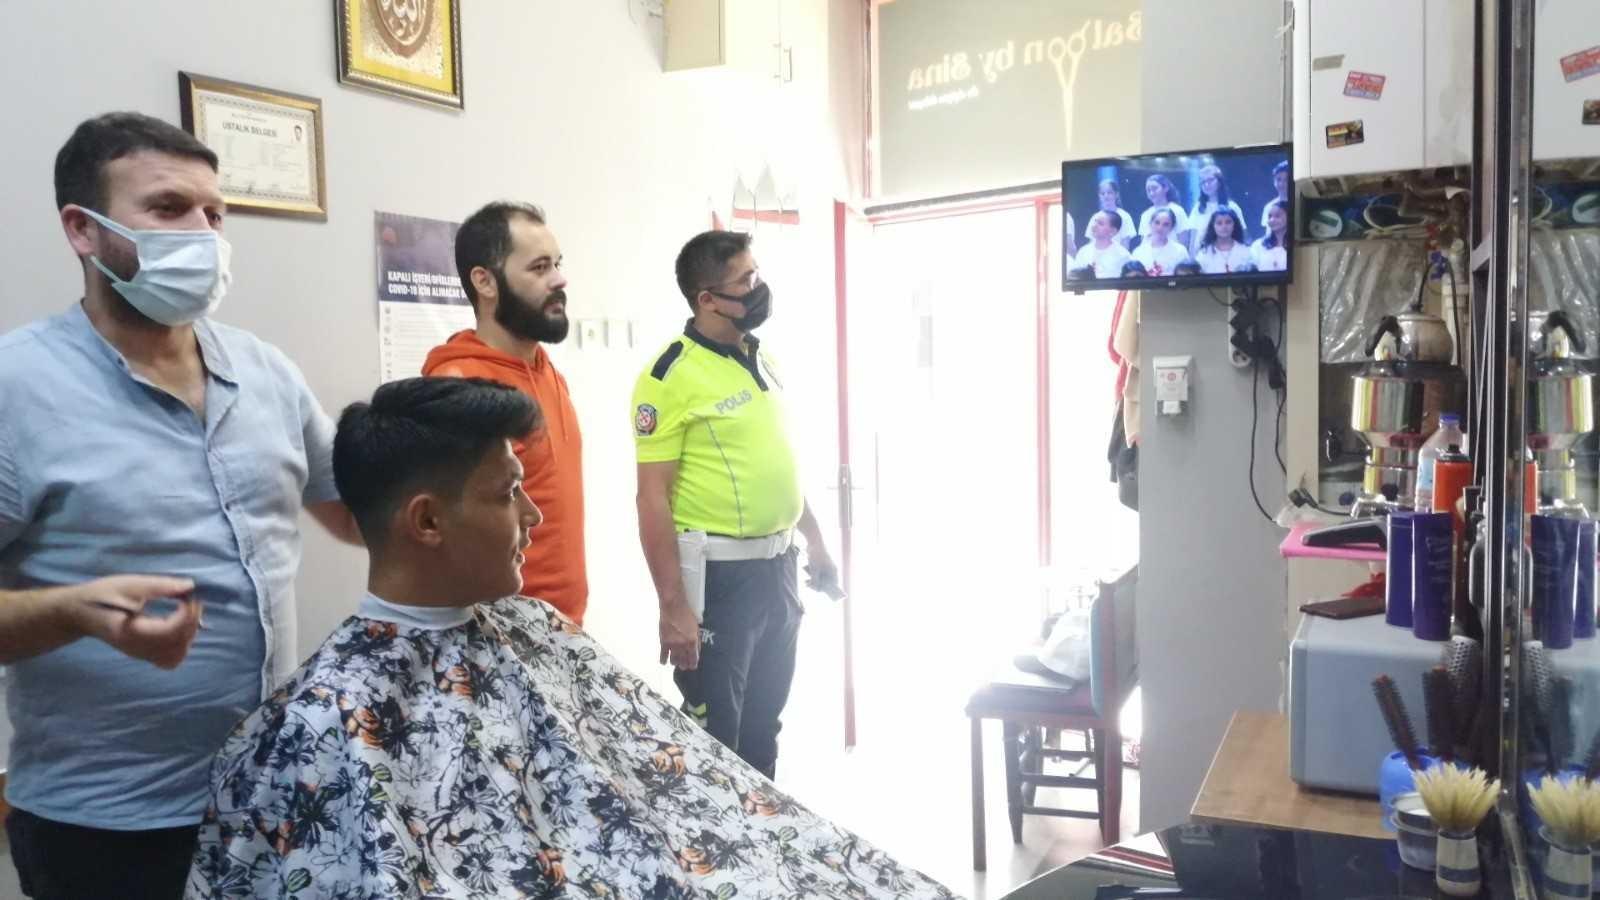 Tıraş olmak için gelen müşteriler bu videoyu izleyecek #corum